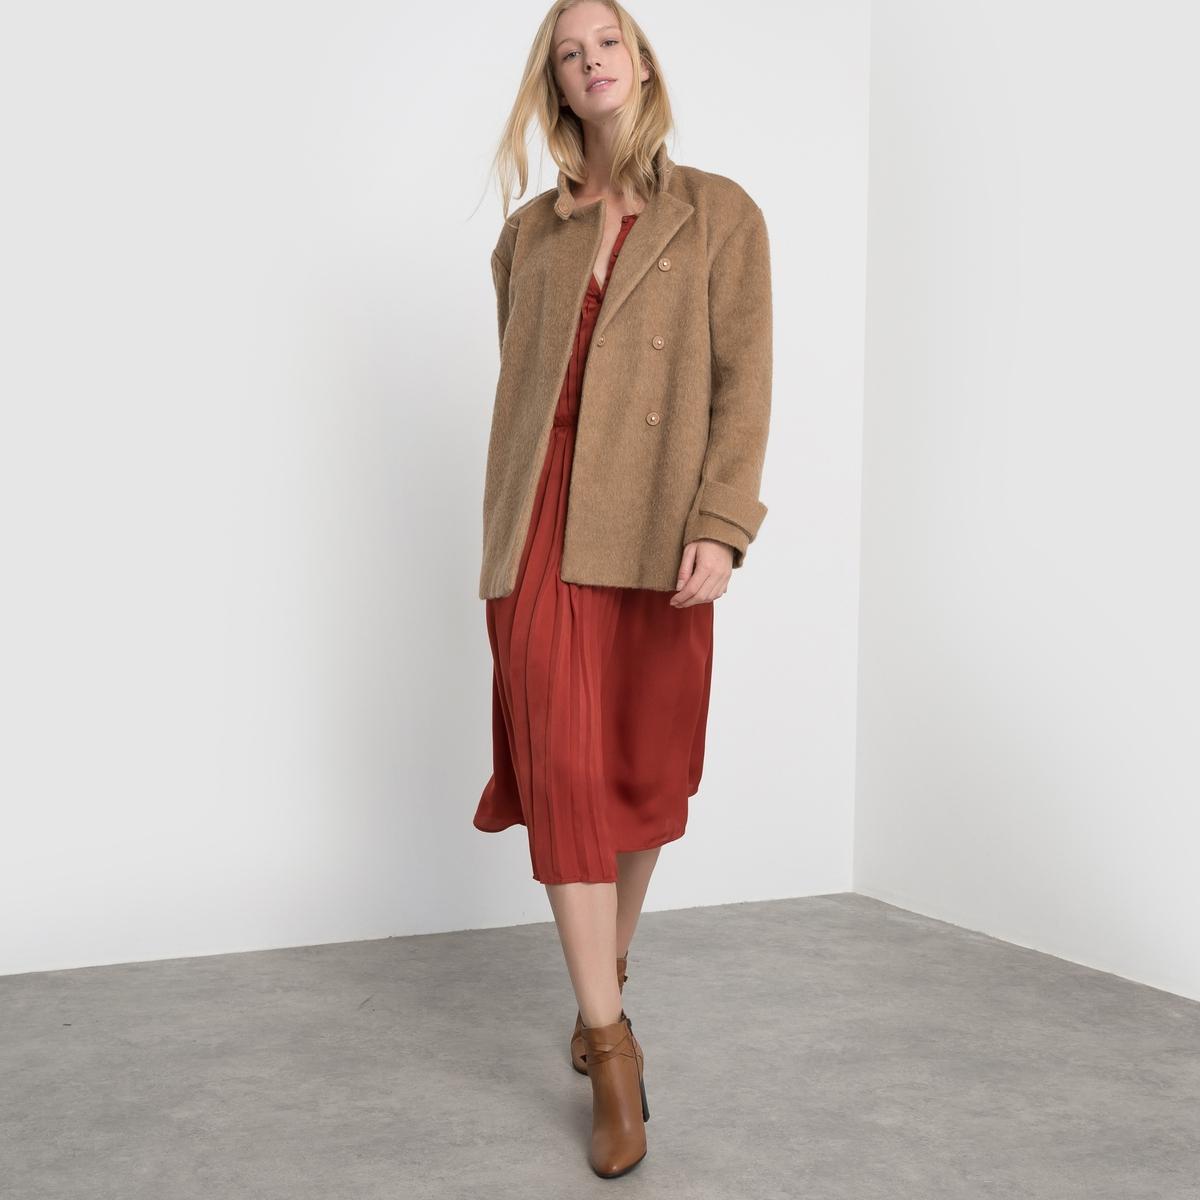 Пальто короткое с воротником-стойкойКороткое пальто прямого покроя. Высокий воротник. Двойная застёжка на кнопки. Паты на манжетах. Карманы по бокам. Хлястик сзади.Состав и описаниеМатериал: 35% полиэстера, 30% шерсти, 18% вискозы, 9% хлопка, 8% шерсти мериноса.                        Подкладка: 100% полиэстер.Длина:  70 см.Марка         atelier RУход- Сухая (химическая) чистка.- Не отбеливать.- Гладить при низкой температуре.- Машинная сушка запрещена.<br><br>Цвет: бордовый,темно-бежевый<br>Размер: 48 (FR) - 54 (RUS).46 (FR) - 52 (RUS).38 (FR) - 44 (RUS).48 (FR) - 54 (RUS).36 (FR) - 42 (RUS)